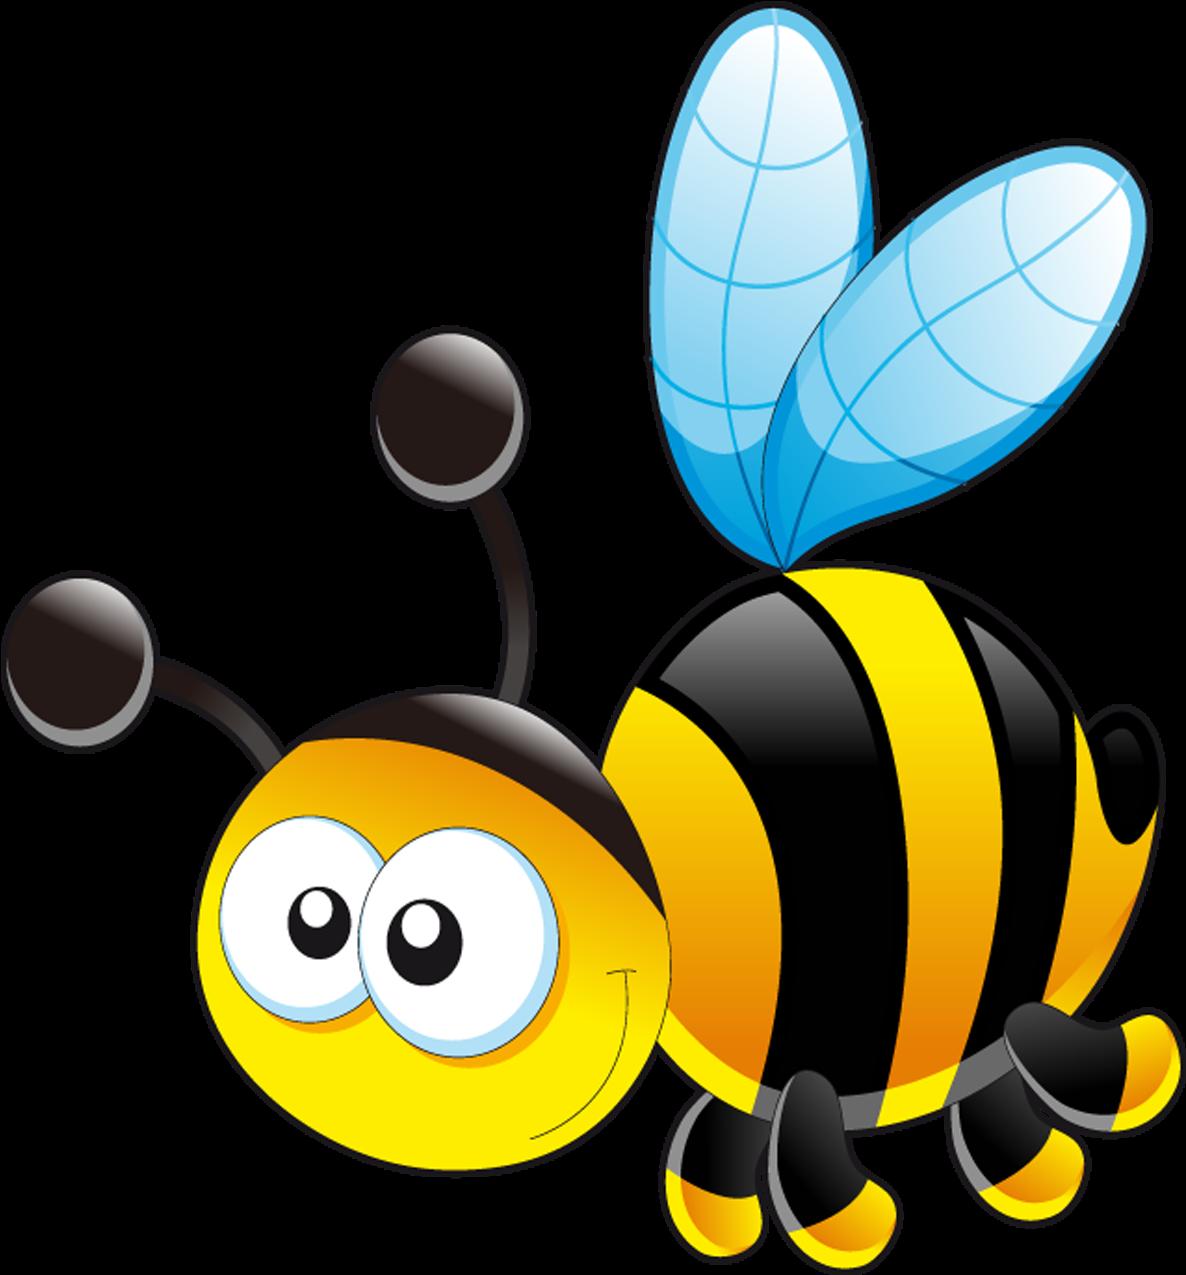 картинка пчелы для игры выбор женских